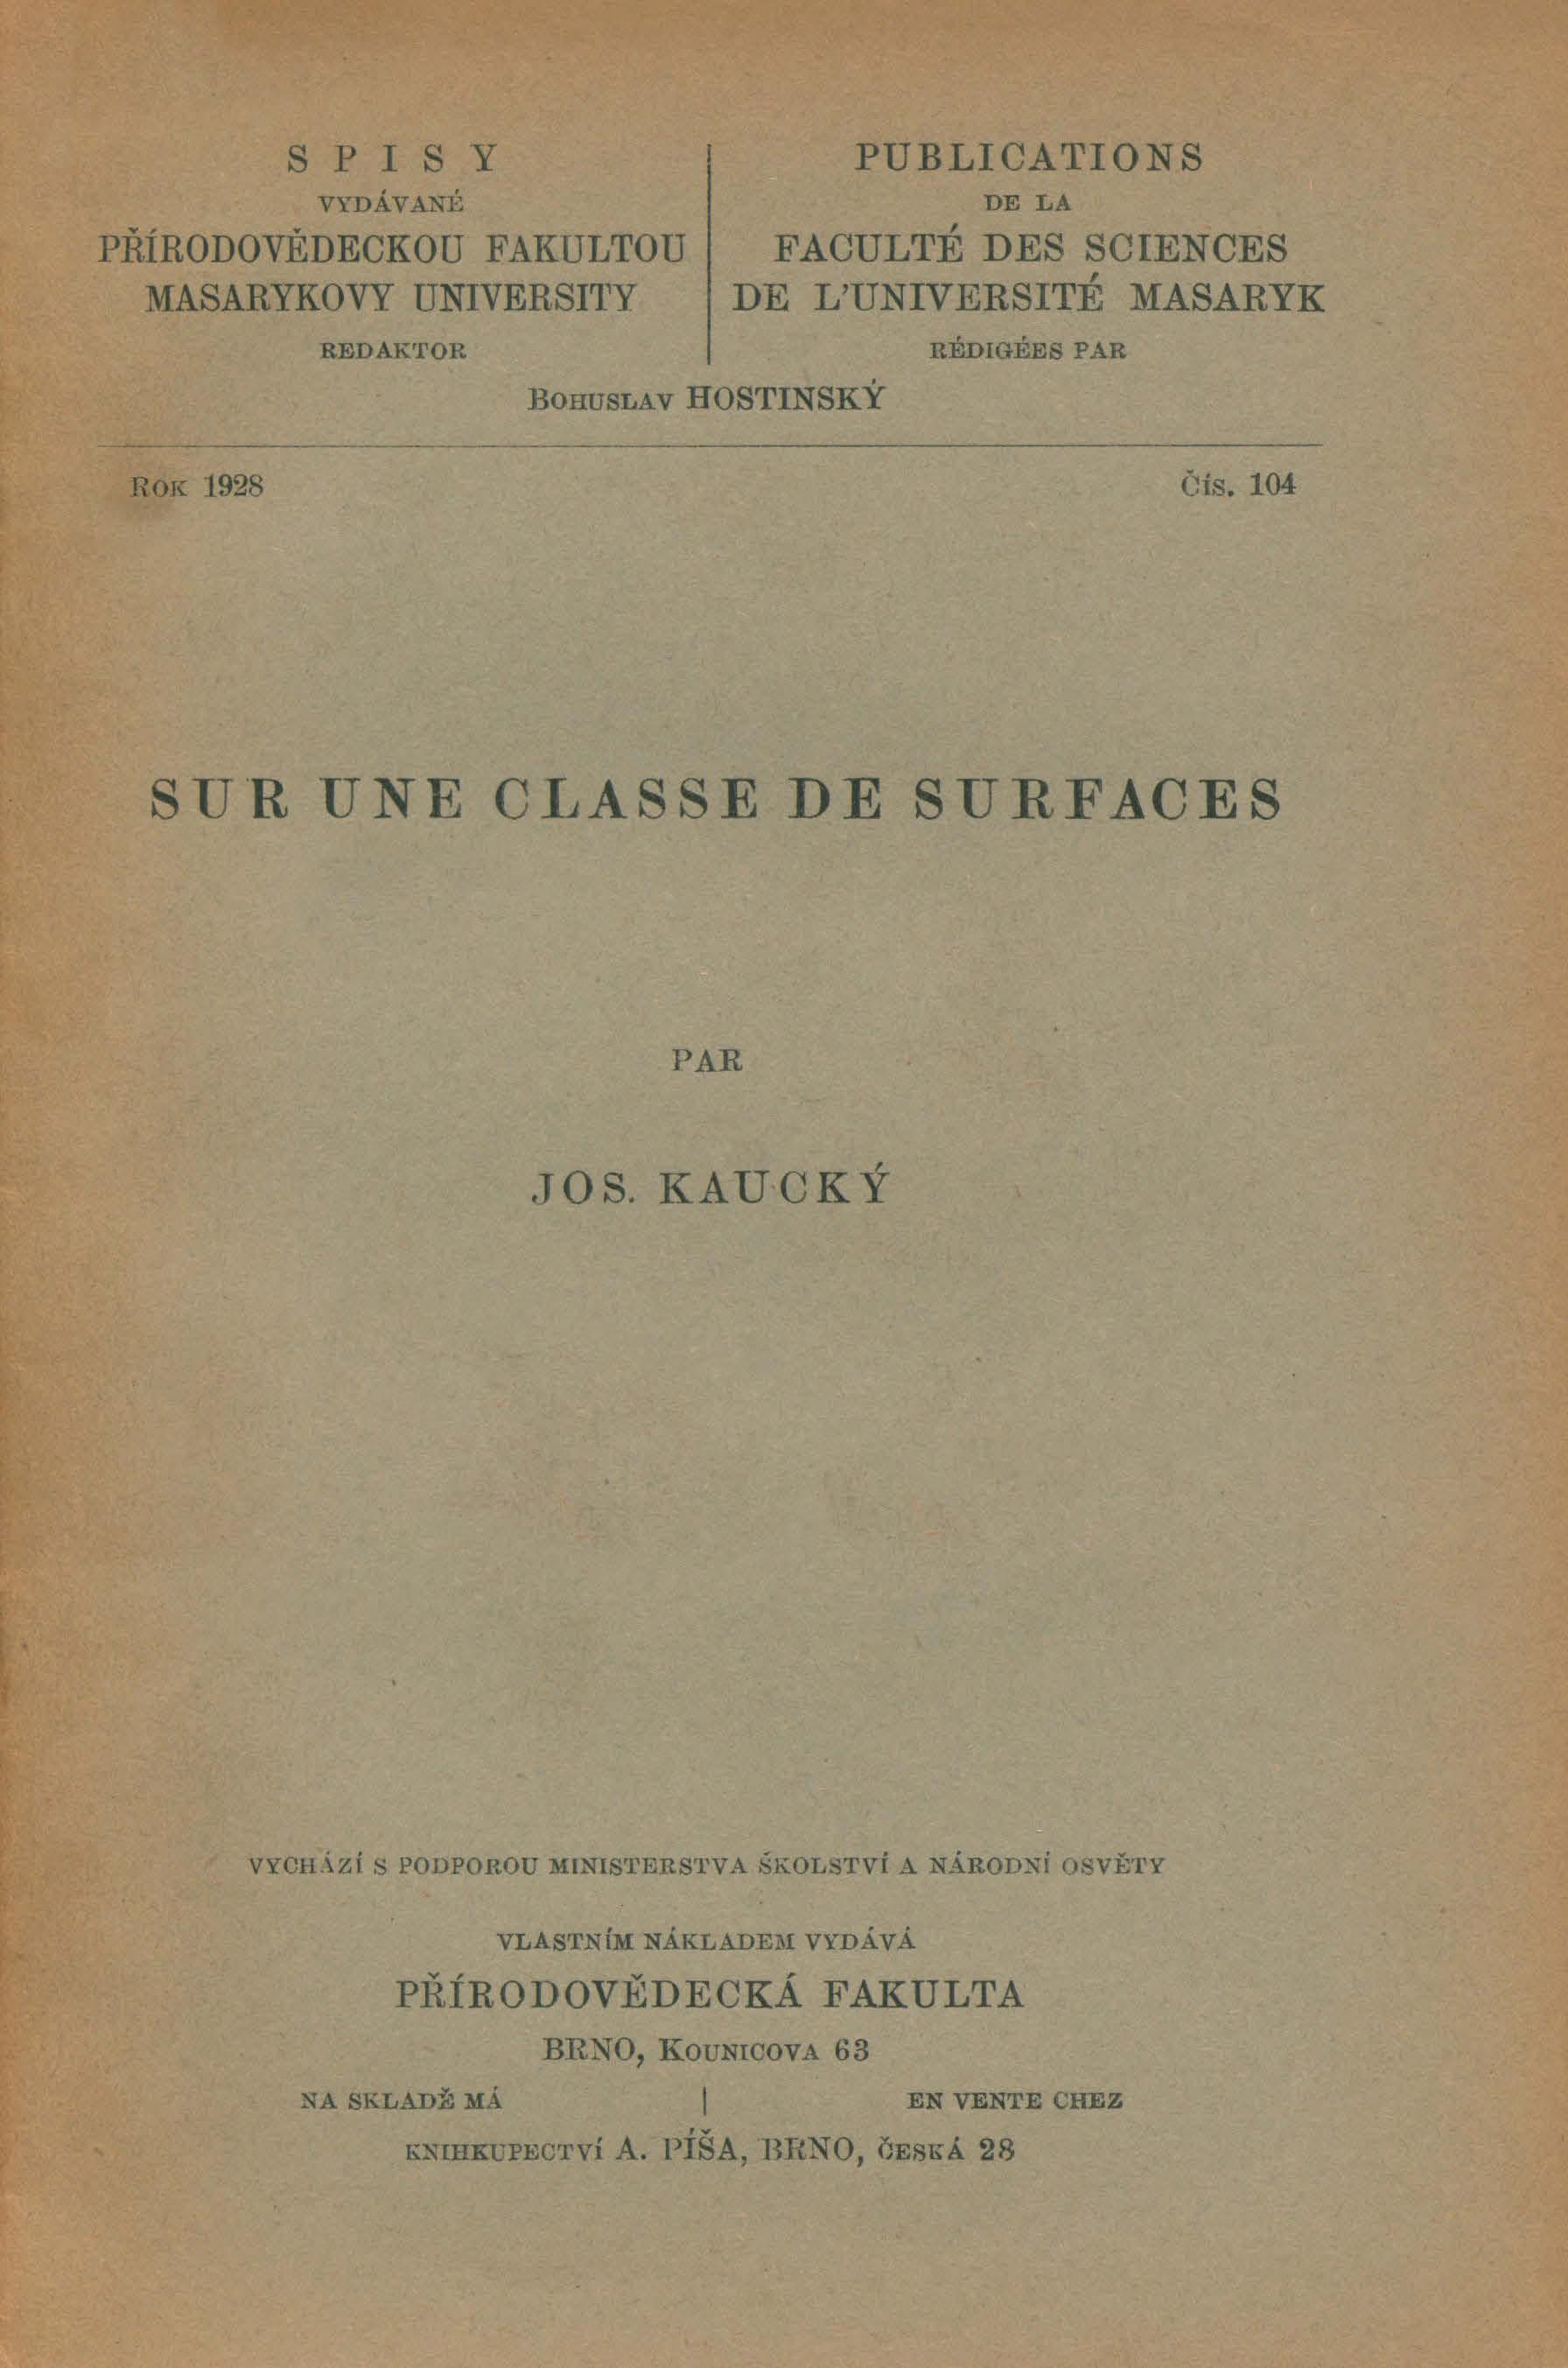 Obálka pro Sur une classe de surfaces